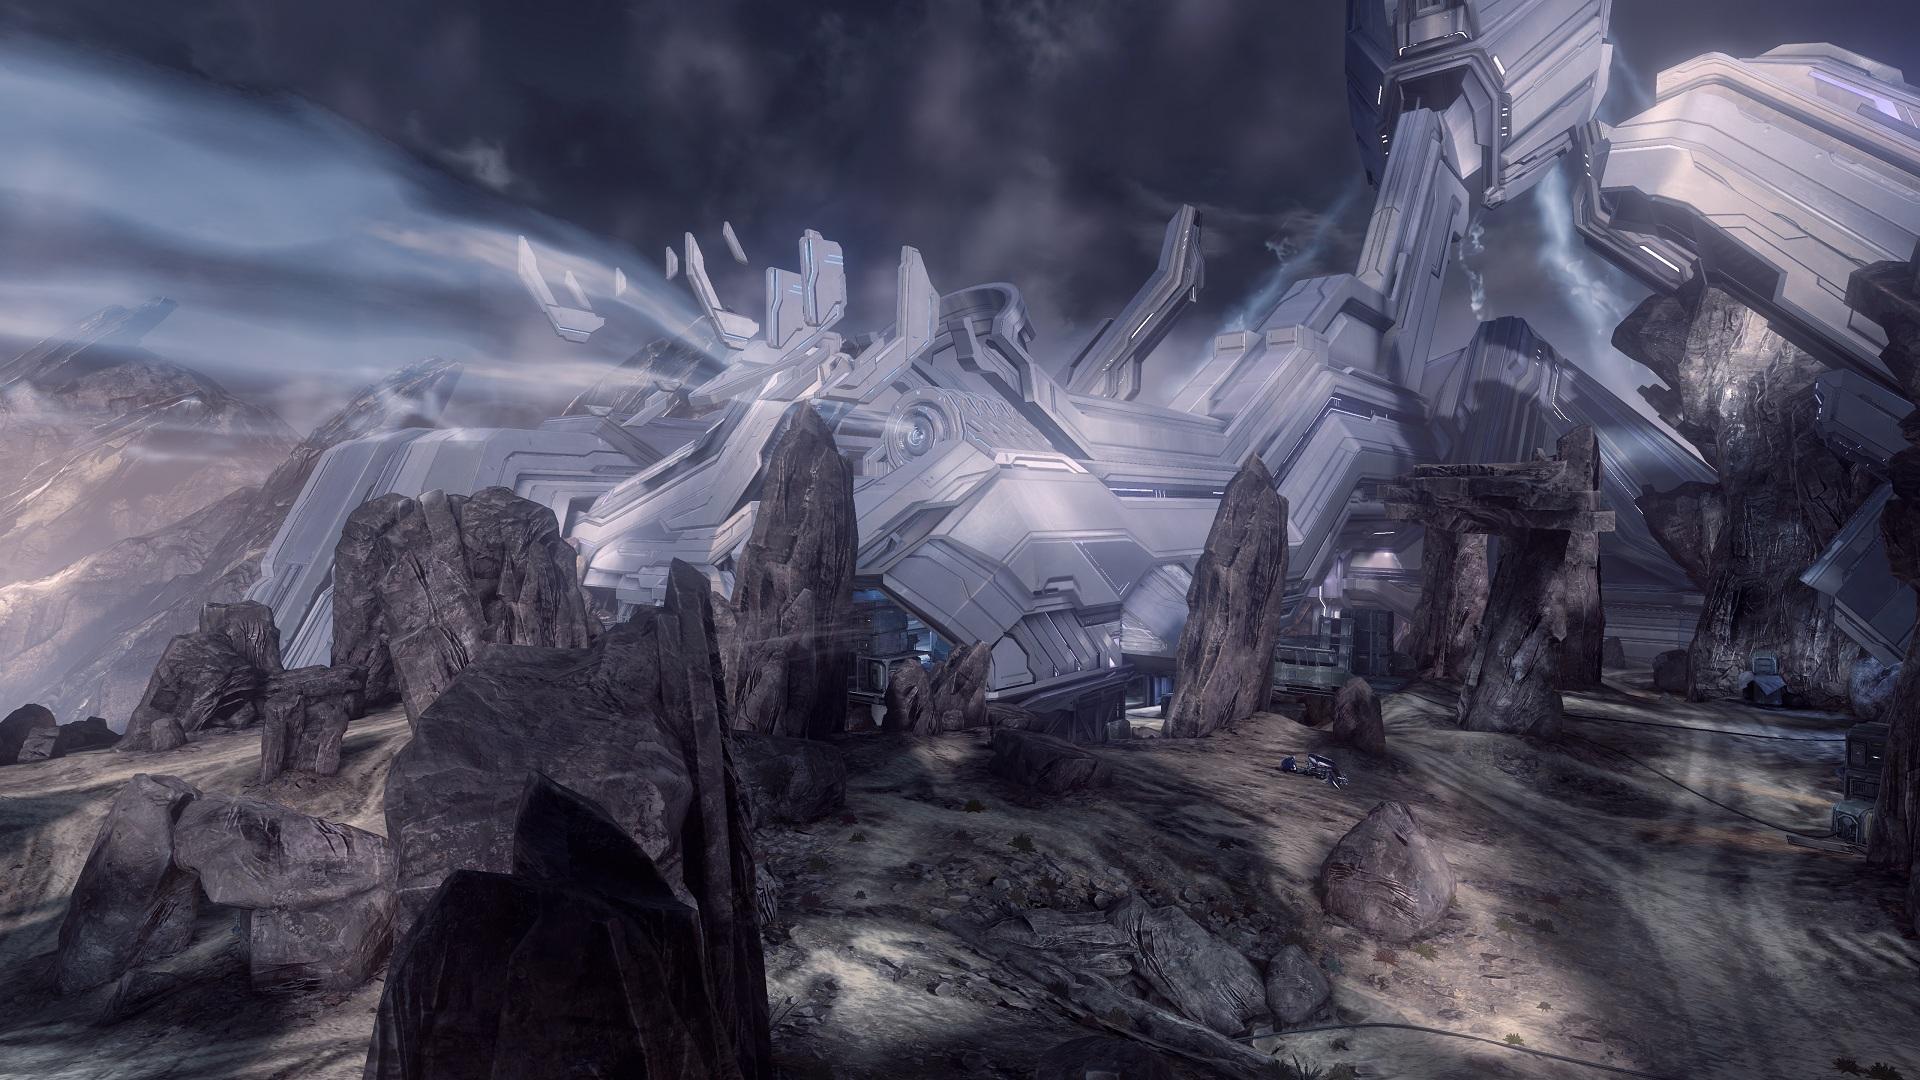 Halo Concept Art Forerunner